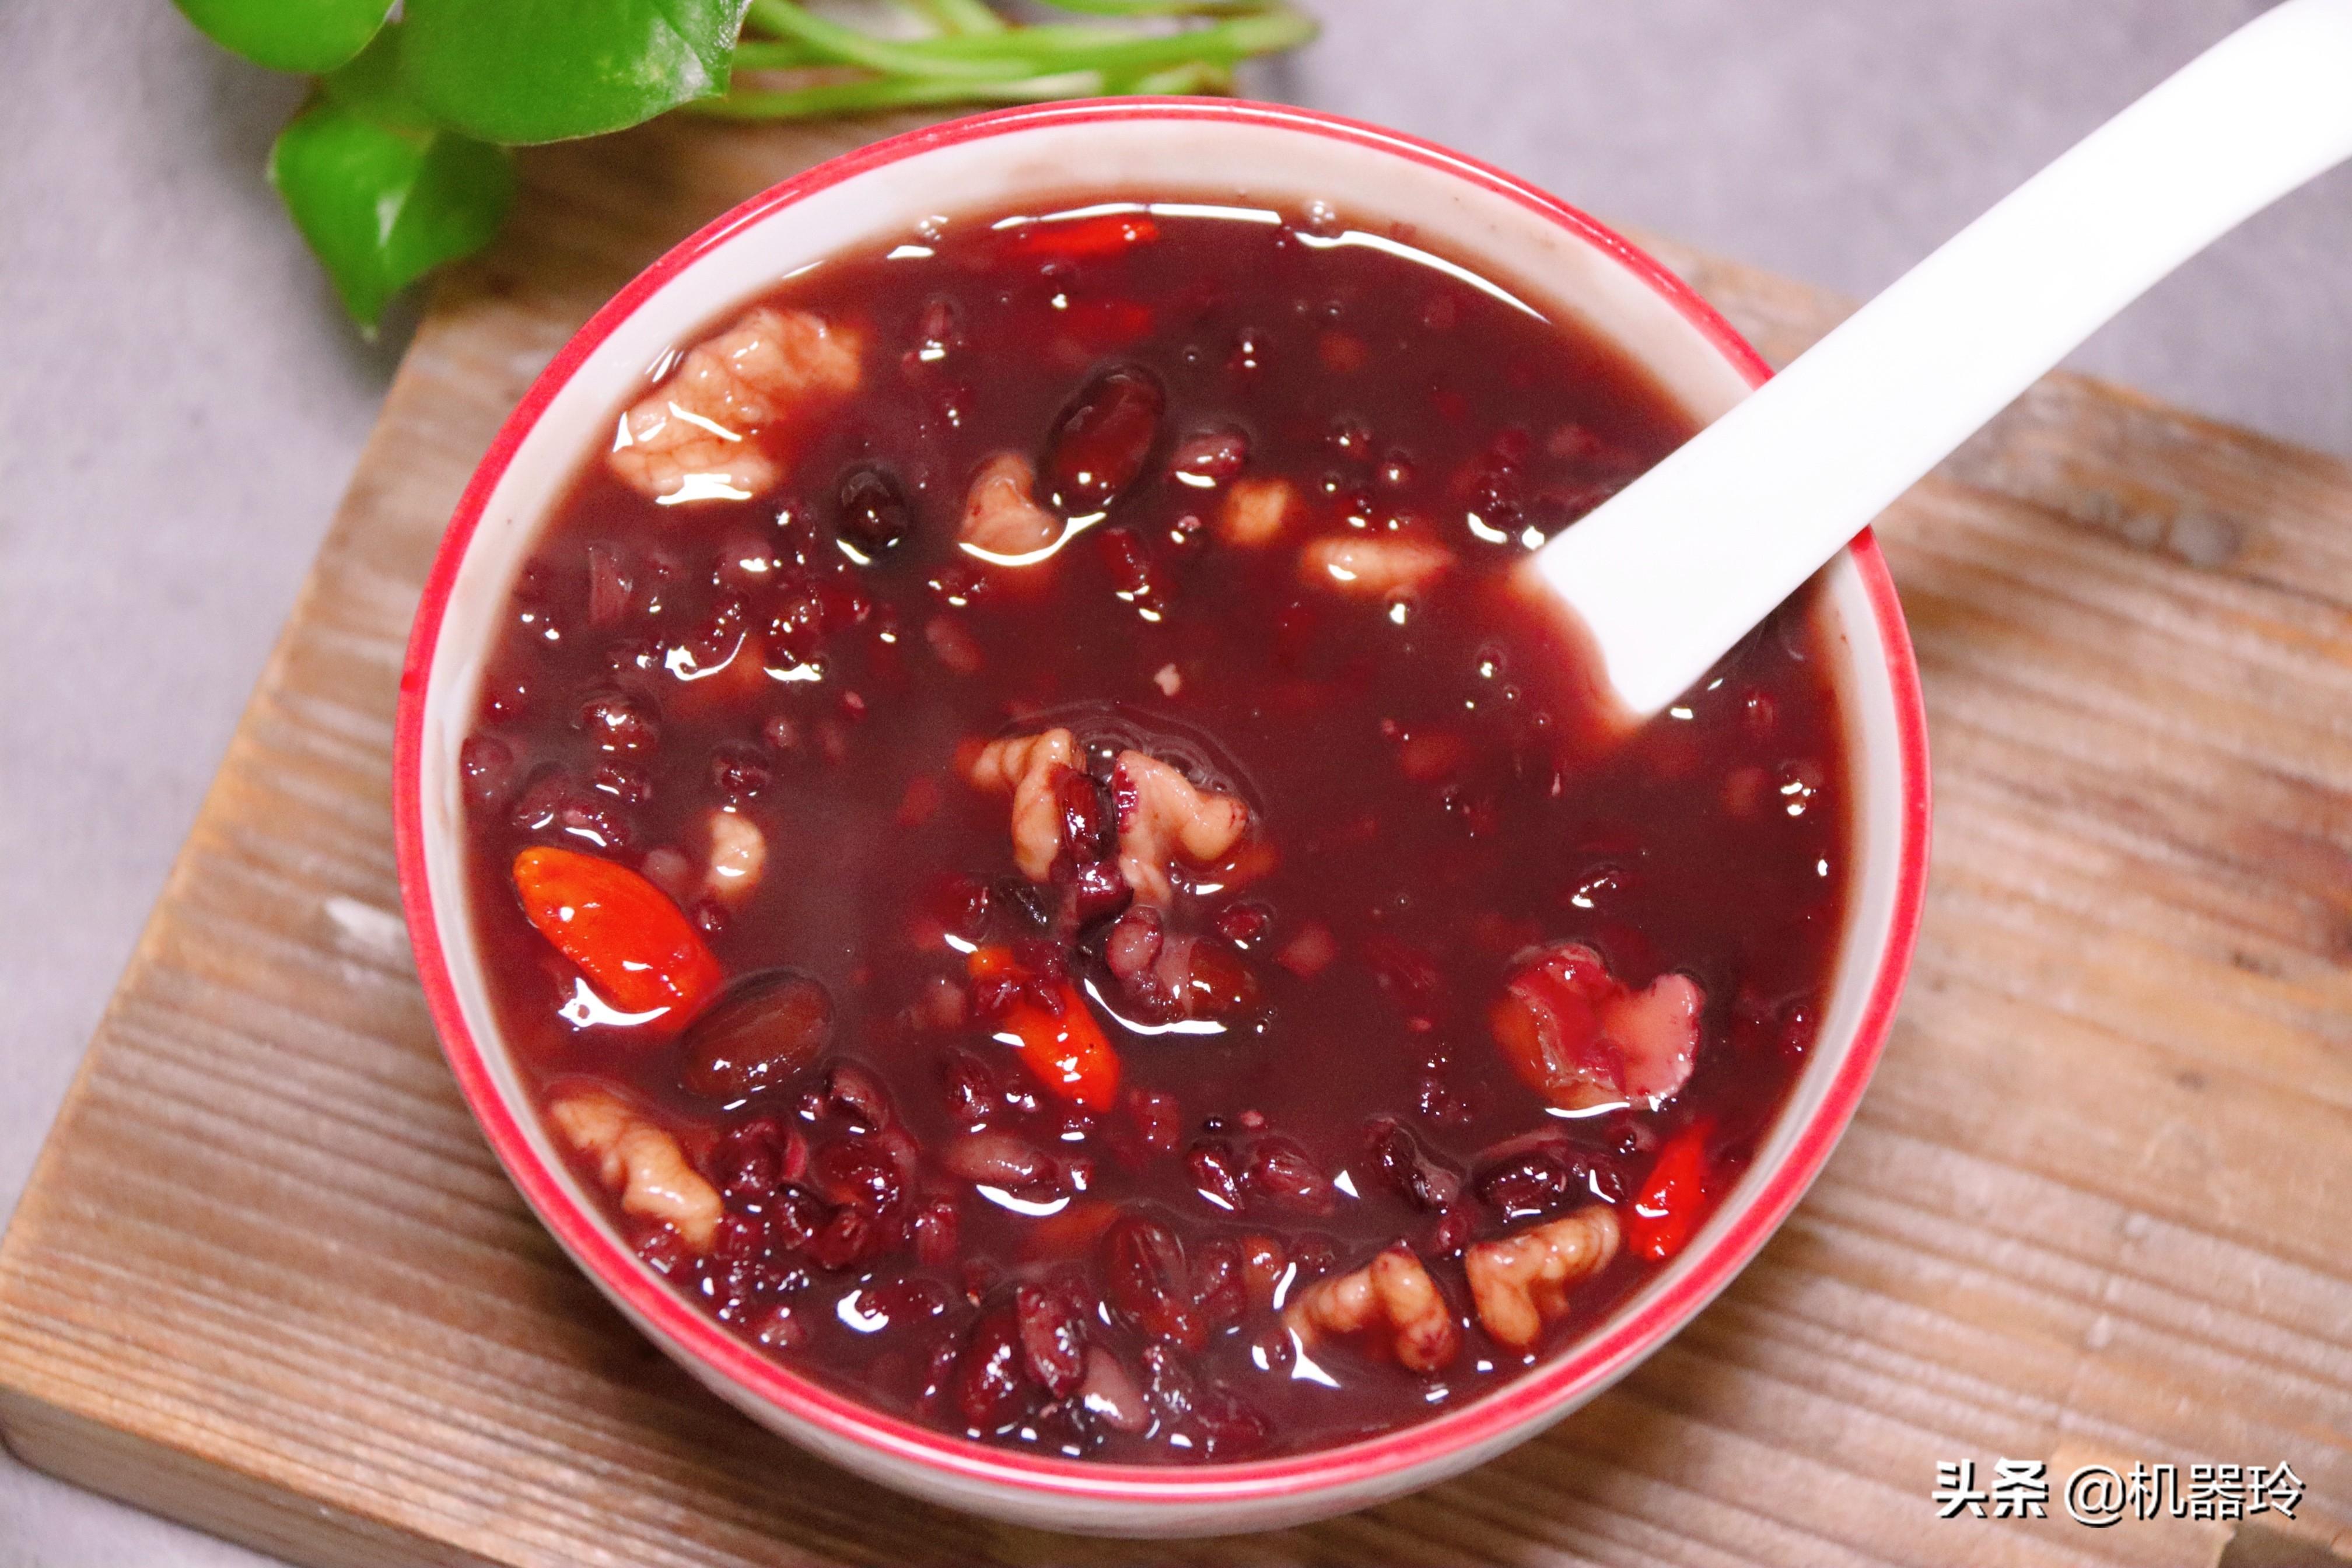 多喝这碗粥,脸蛋红润气色好不长斑 美食做法 第8张